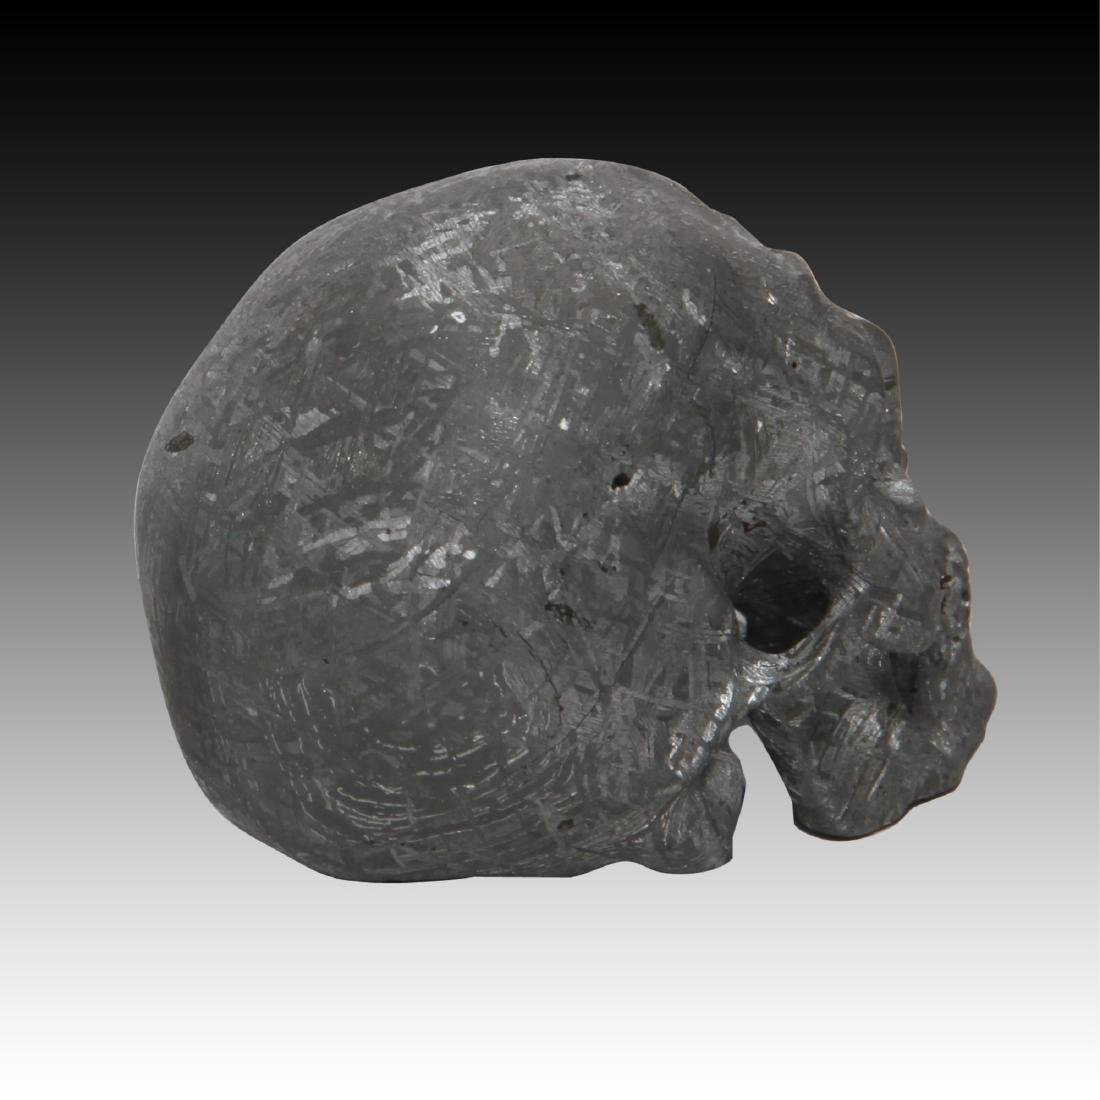 Gibeon Meteorite Skull by Lee Downey - 3